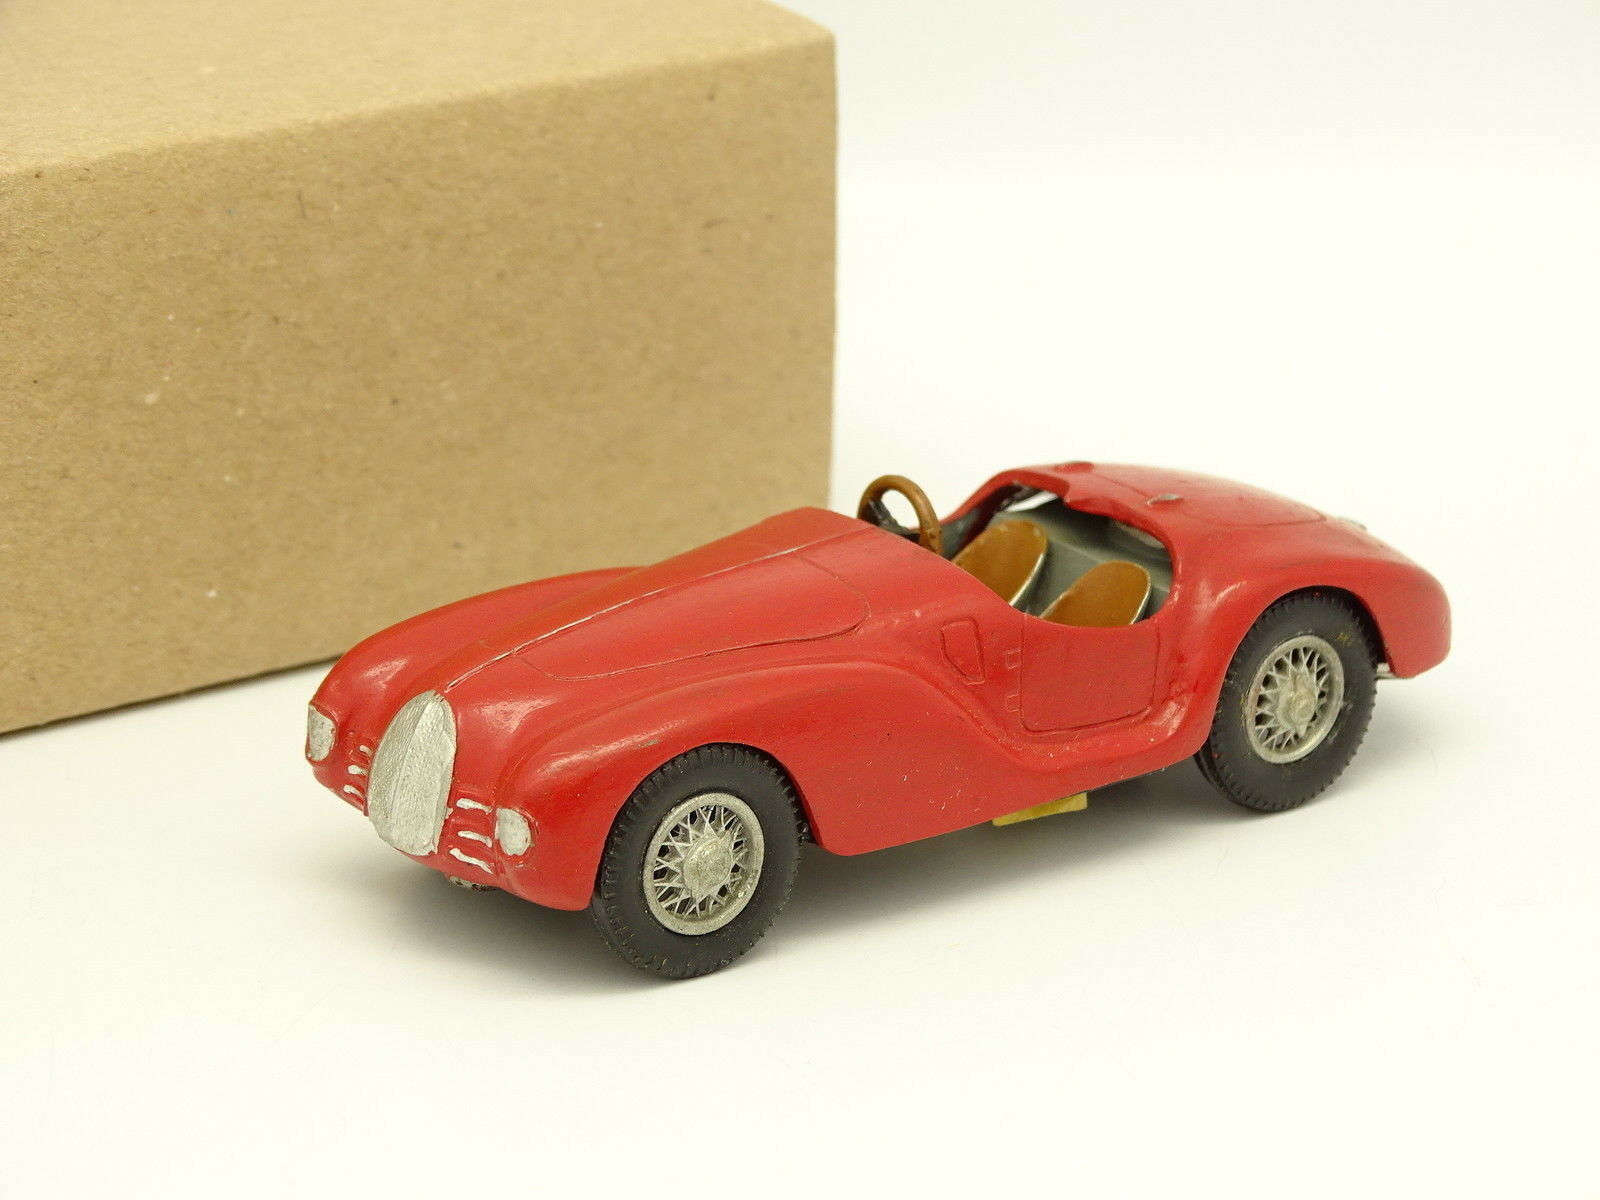 Project Kit Metal Assembled 1 43 - Ferrari 815 1940